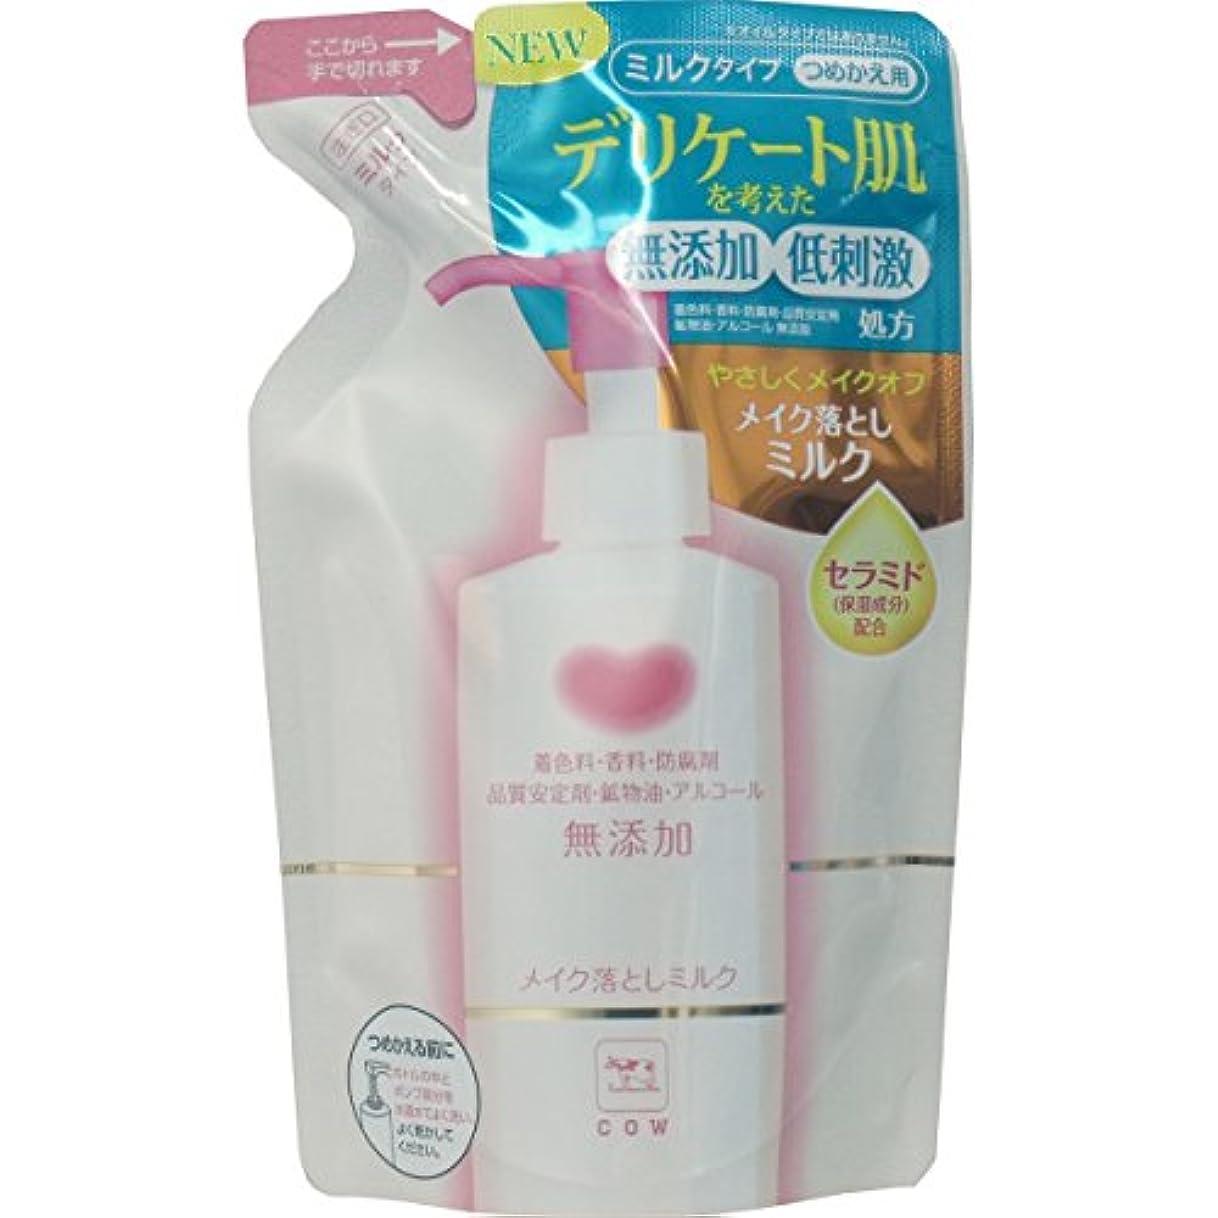 ヒューズバンジョガー【牛乳石鹸共進社】カウ無添加 メイク落としミルク つめかえ用 130ml ×3個セット